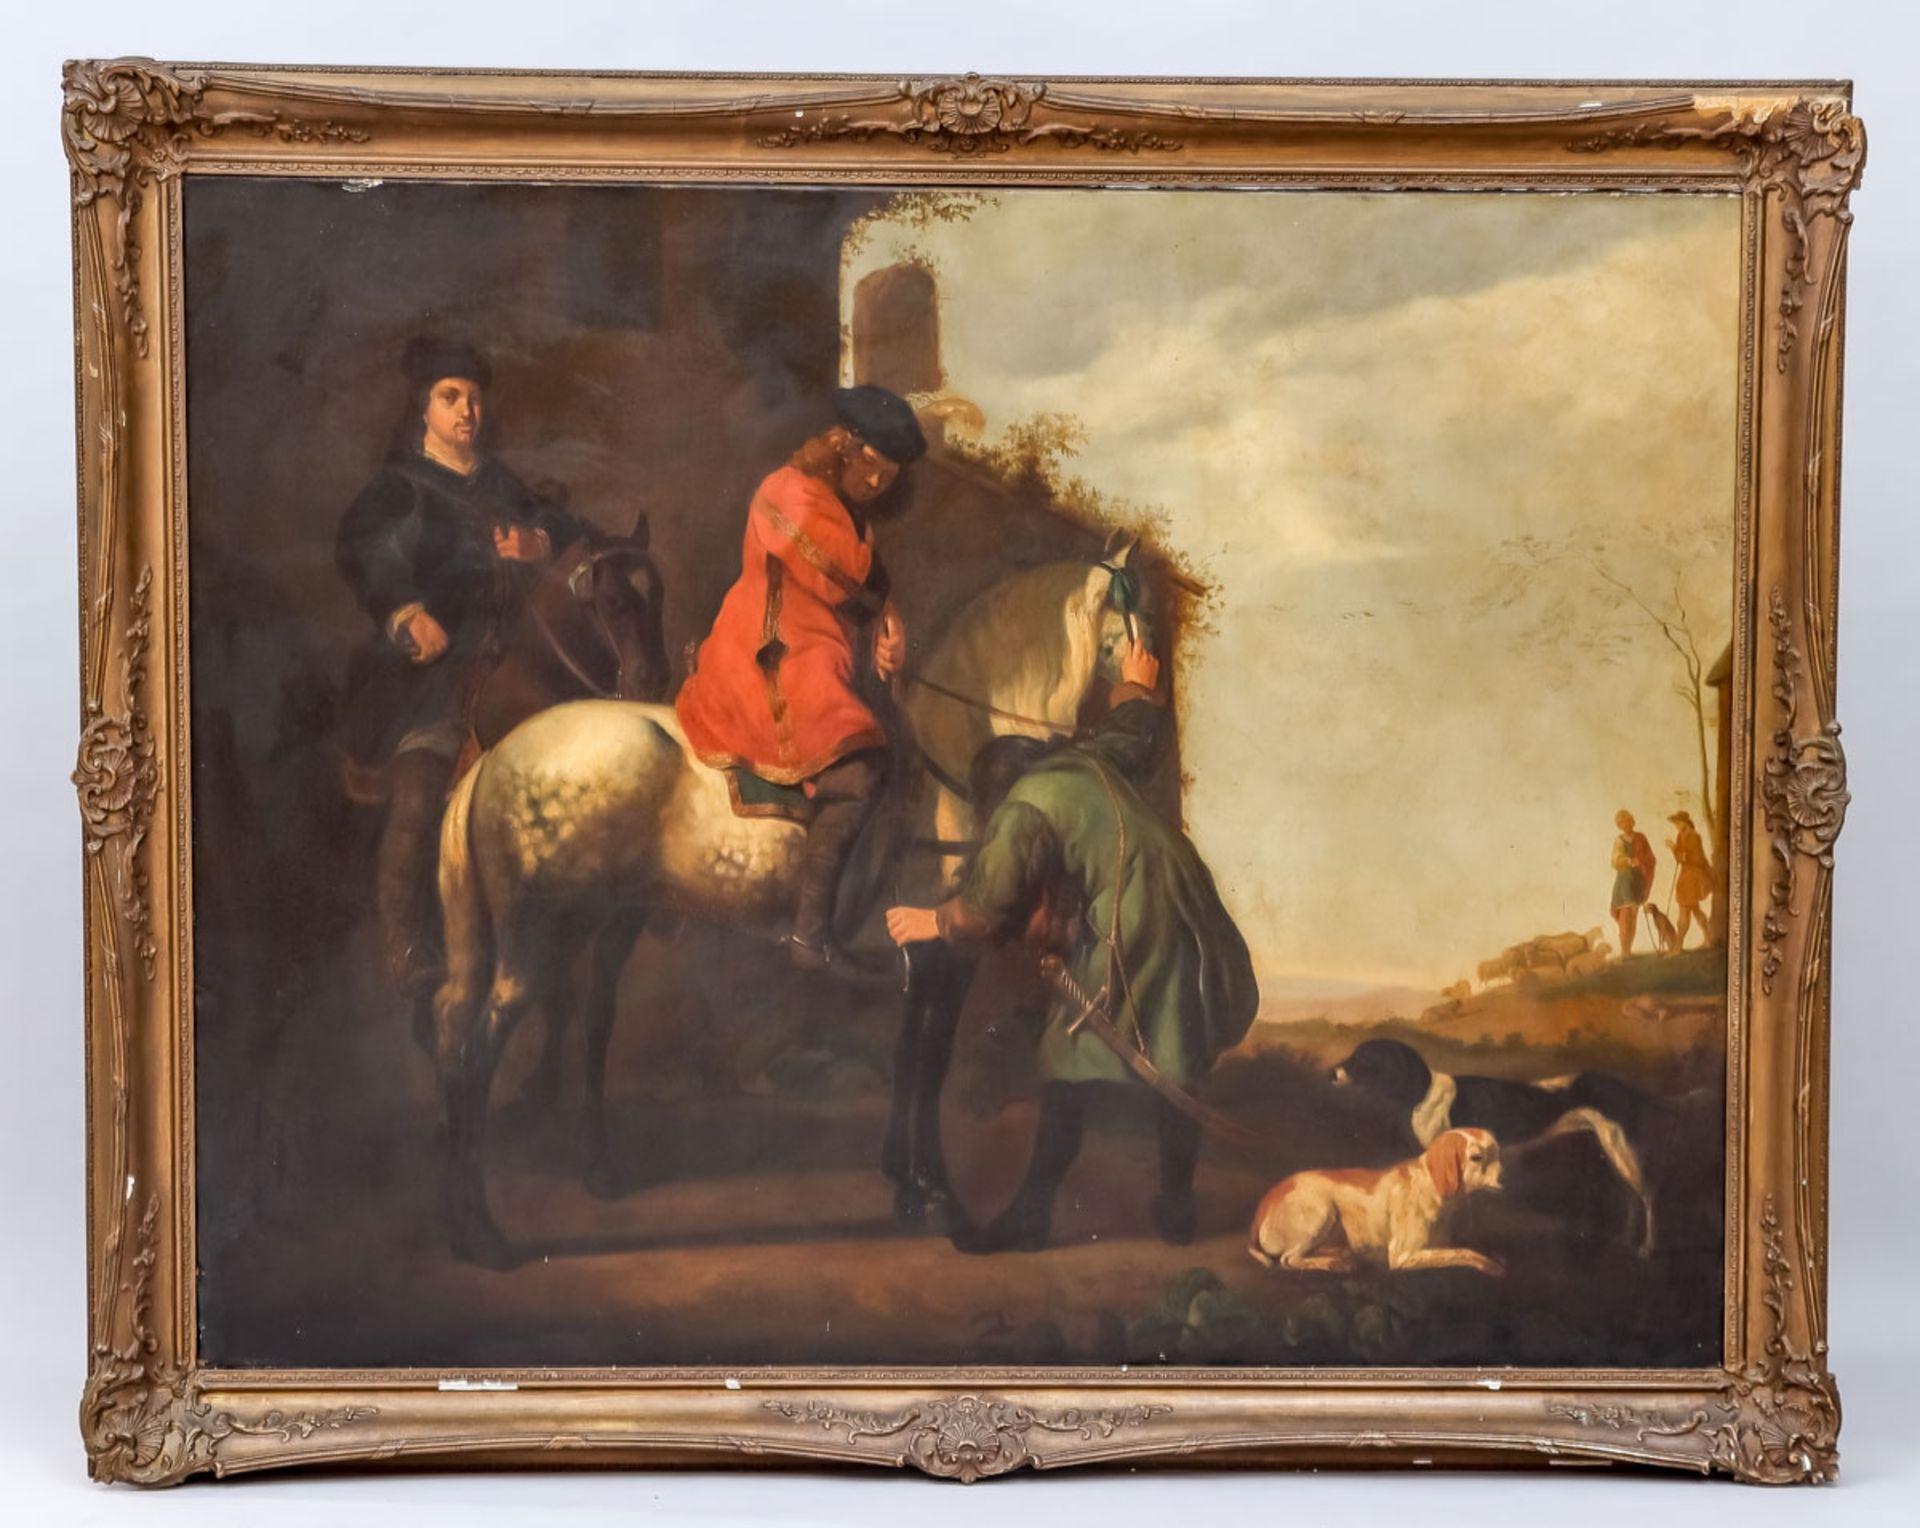 Künstler des 18. Jahrhunderts - Bild 2 aus 2